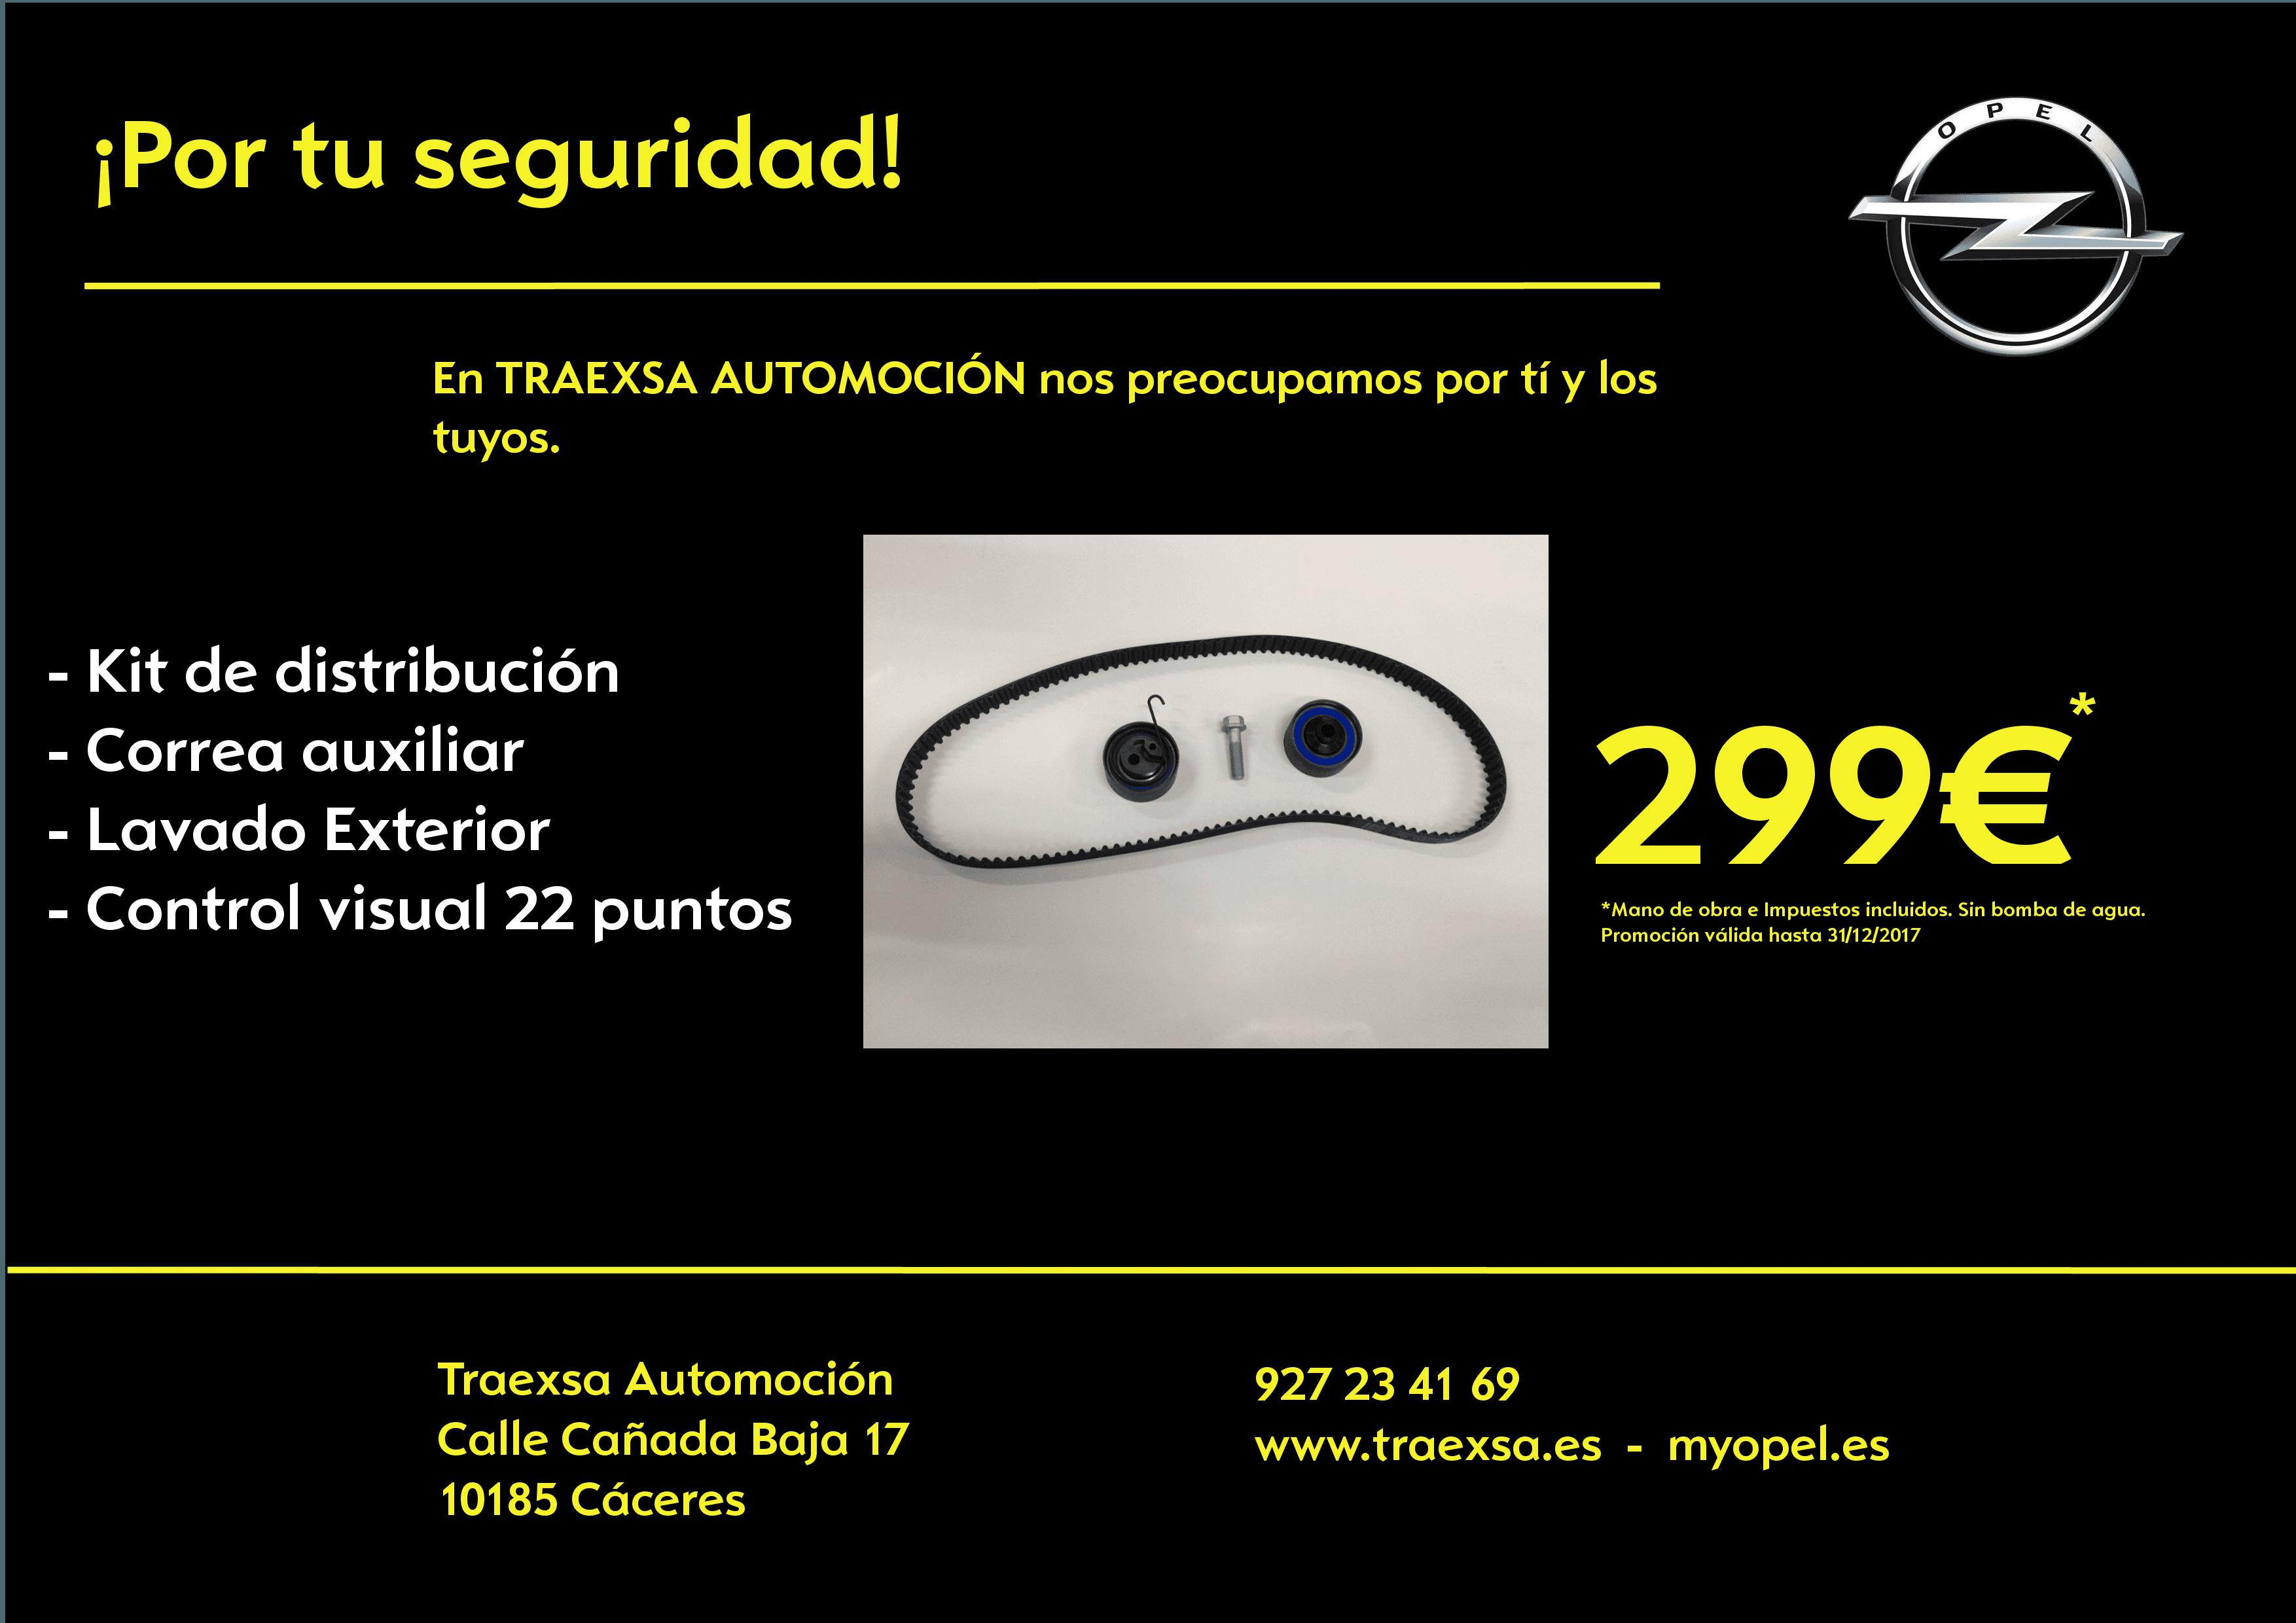 SUSTITUIR CONJUNTO DISTRIBUCION Y CORREA  DE ACCESORIOS POR 299€